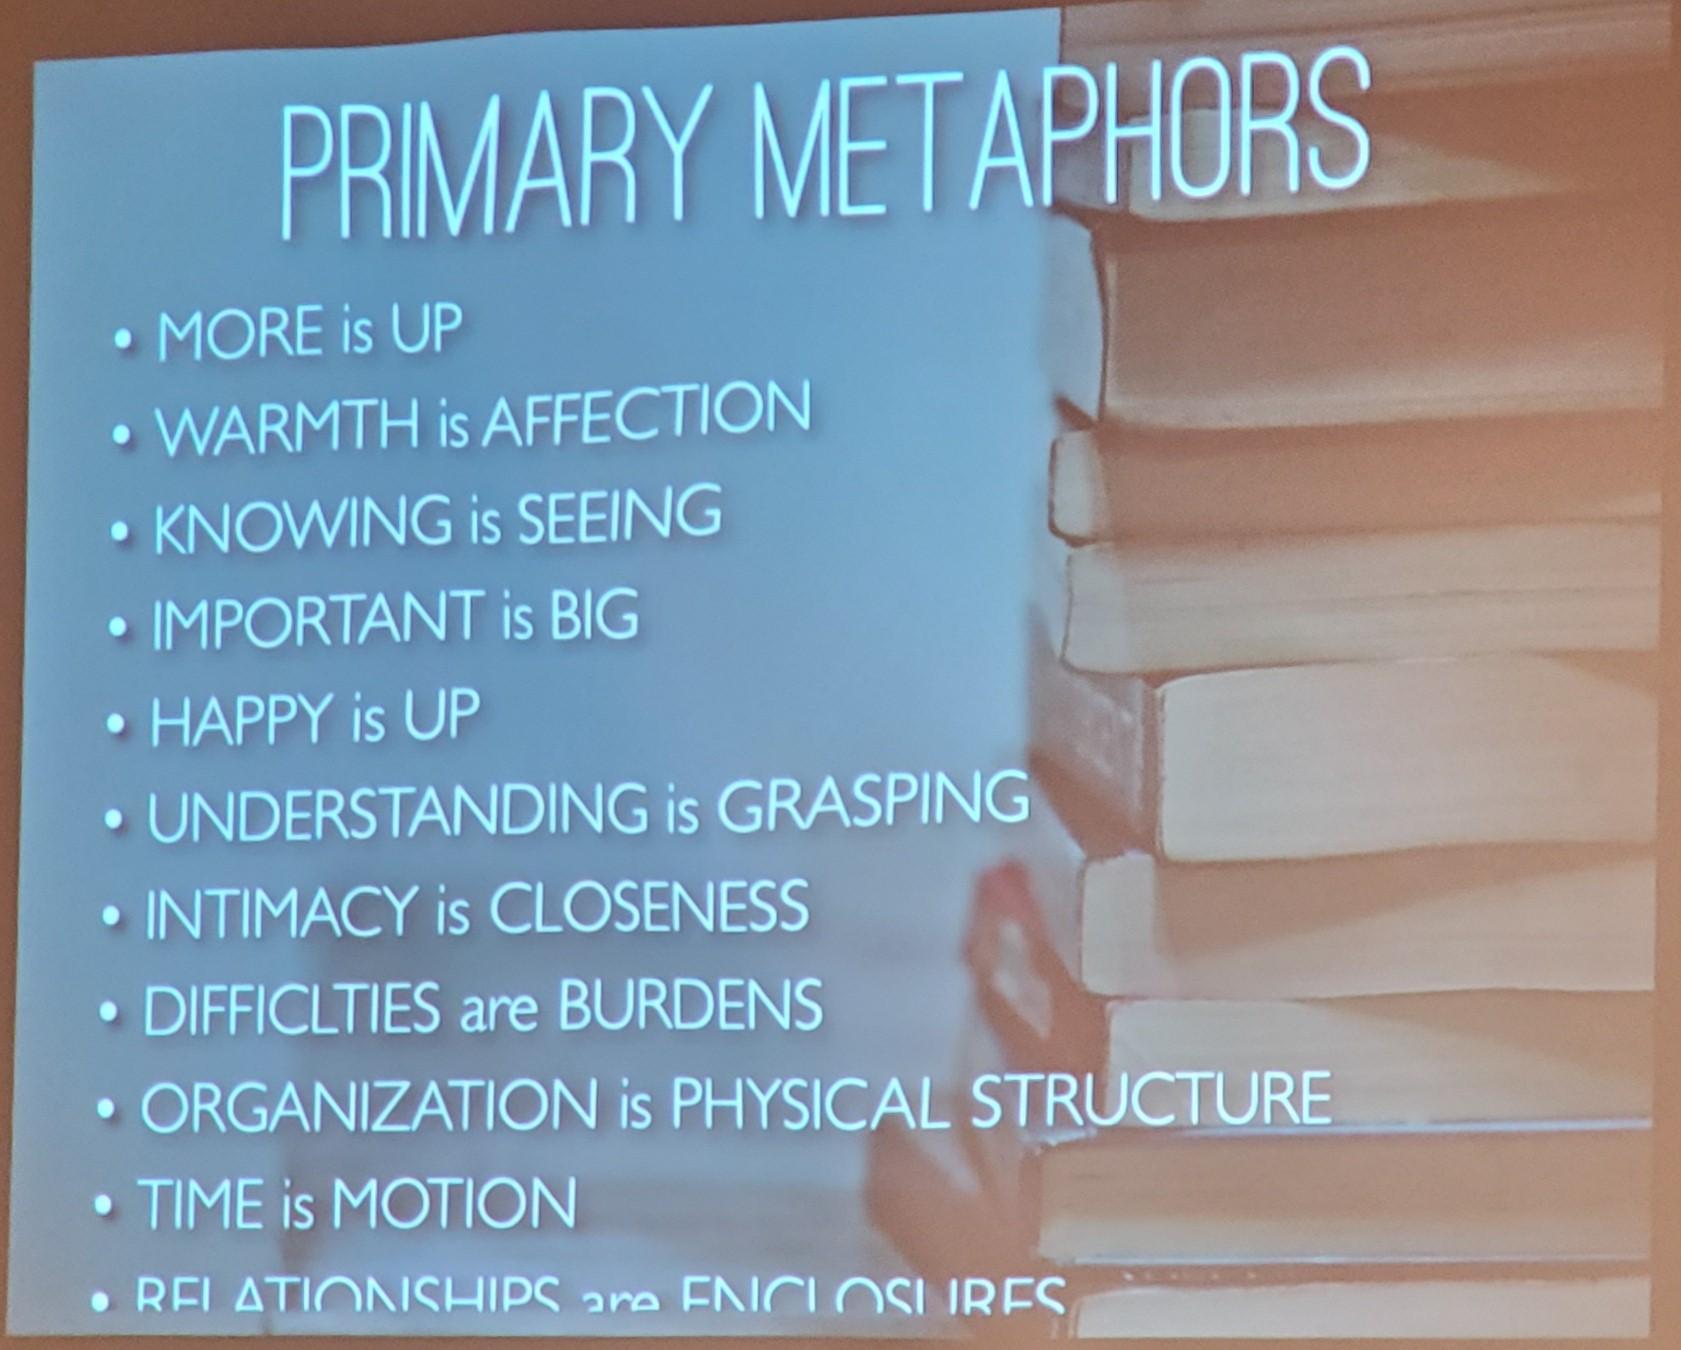 Primary Metaphors